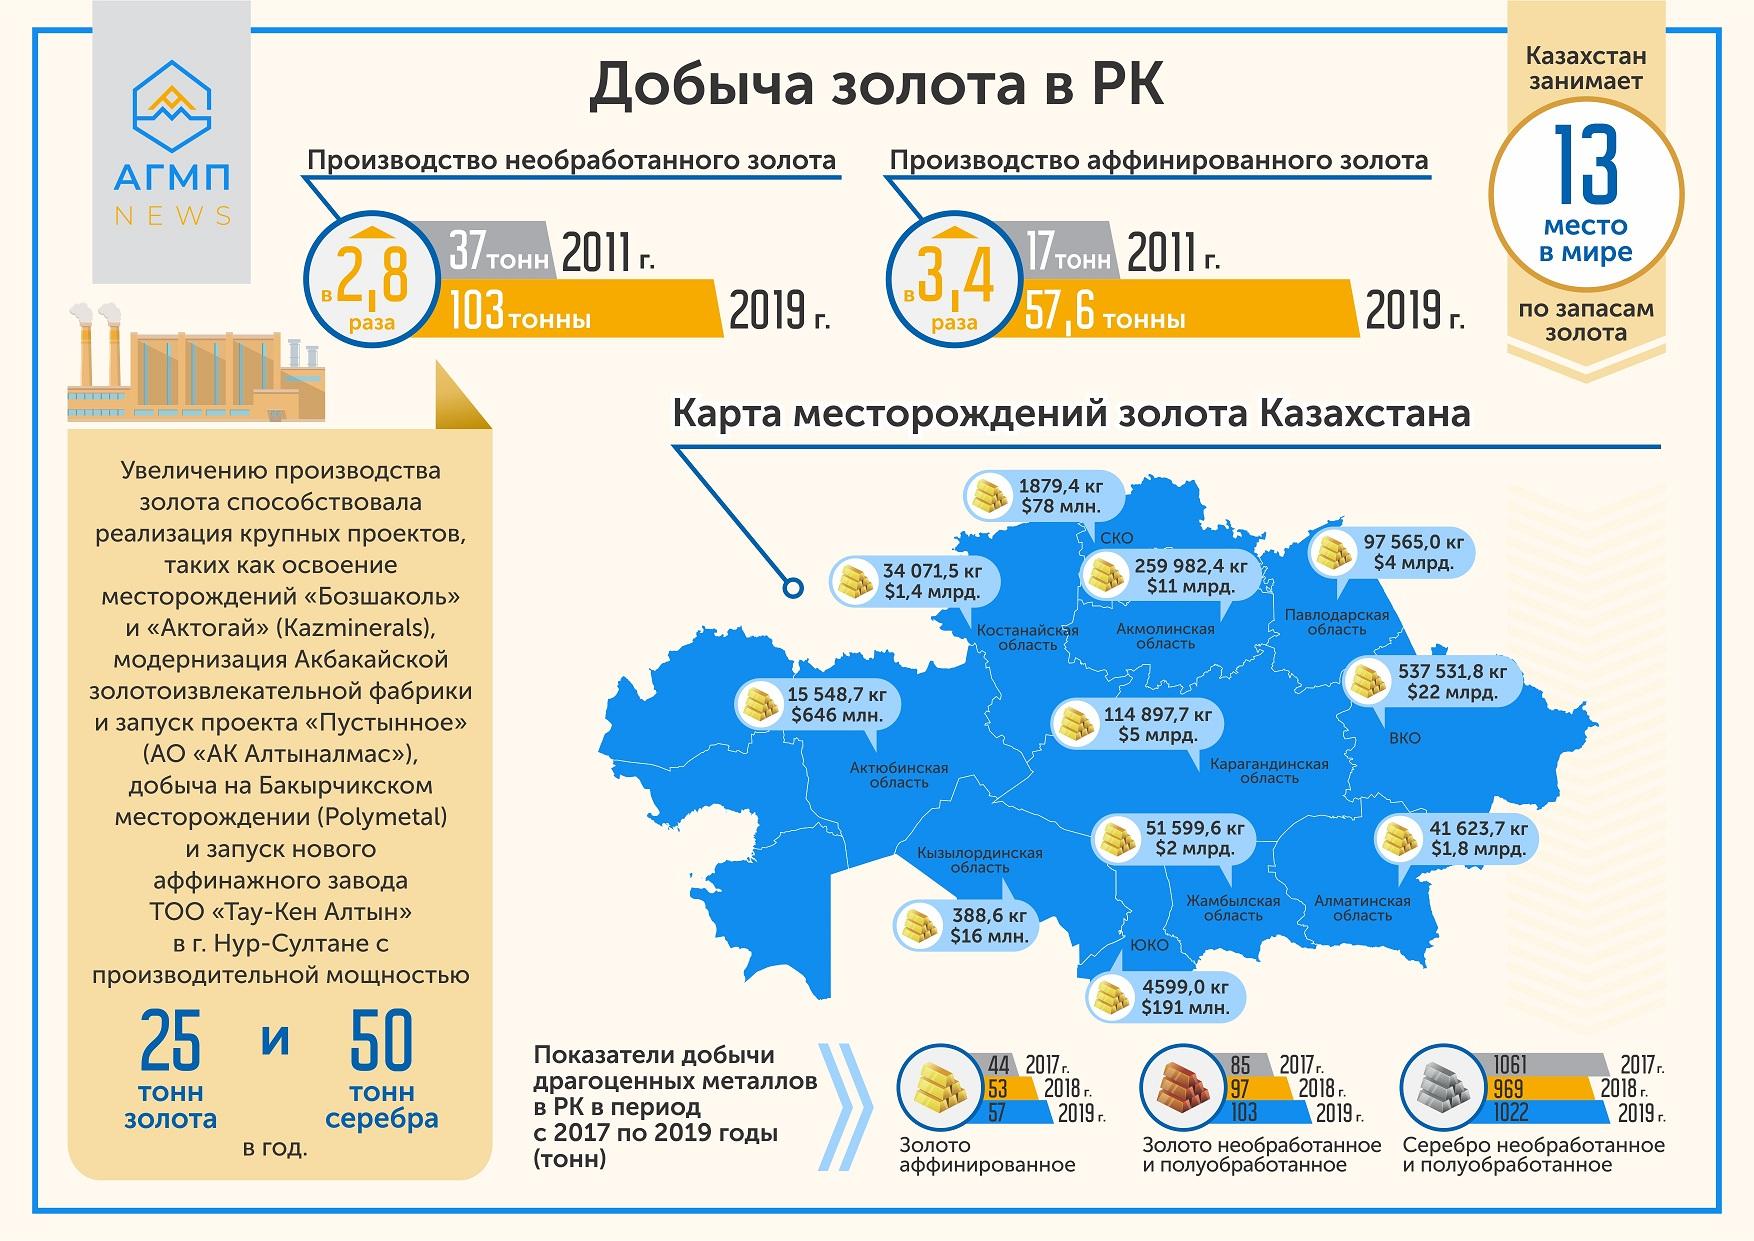 какое место занимает казахстан по экологии